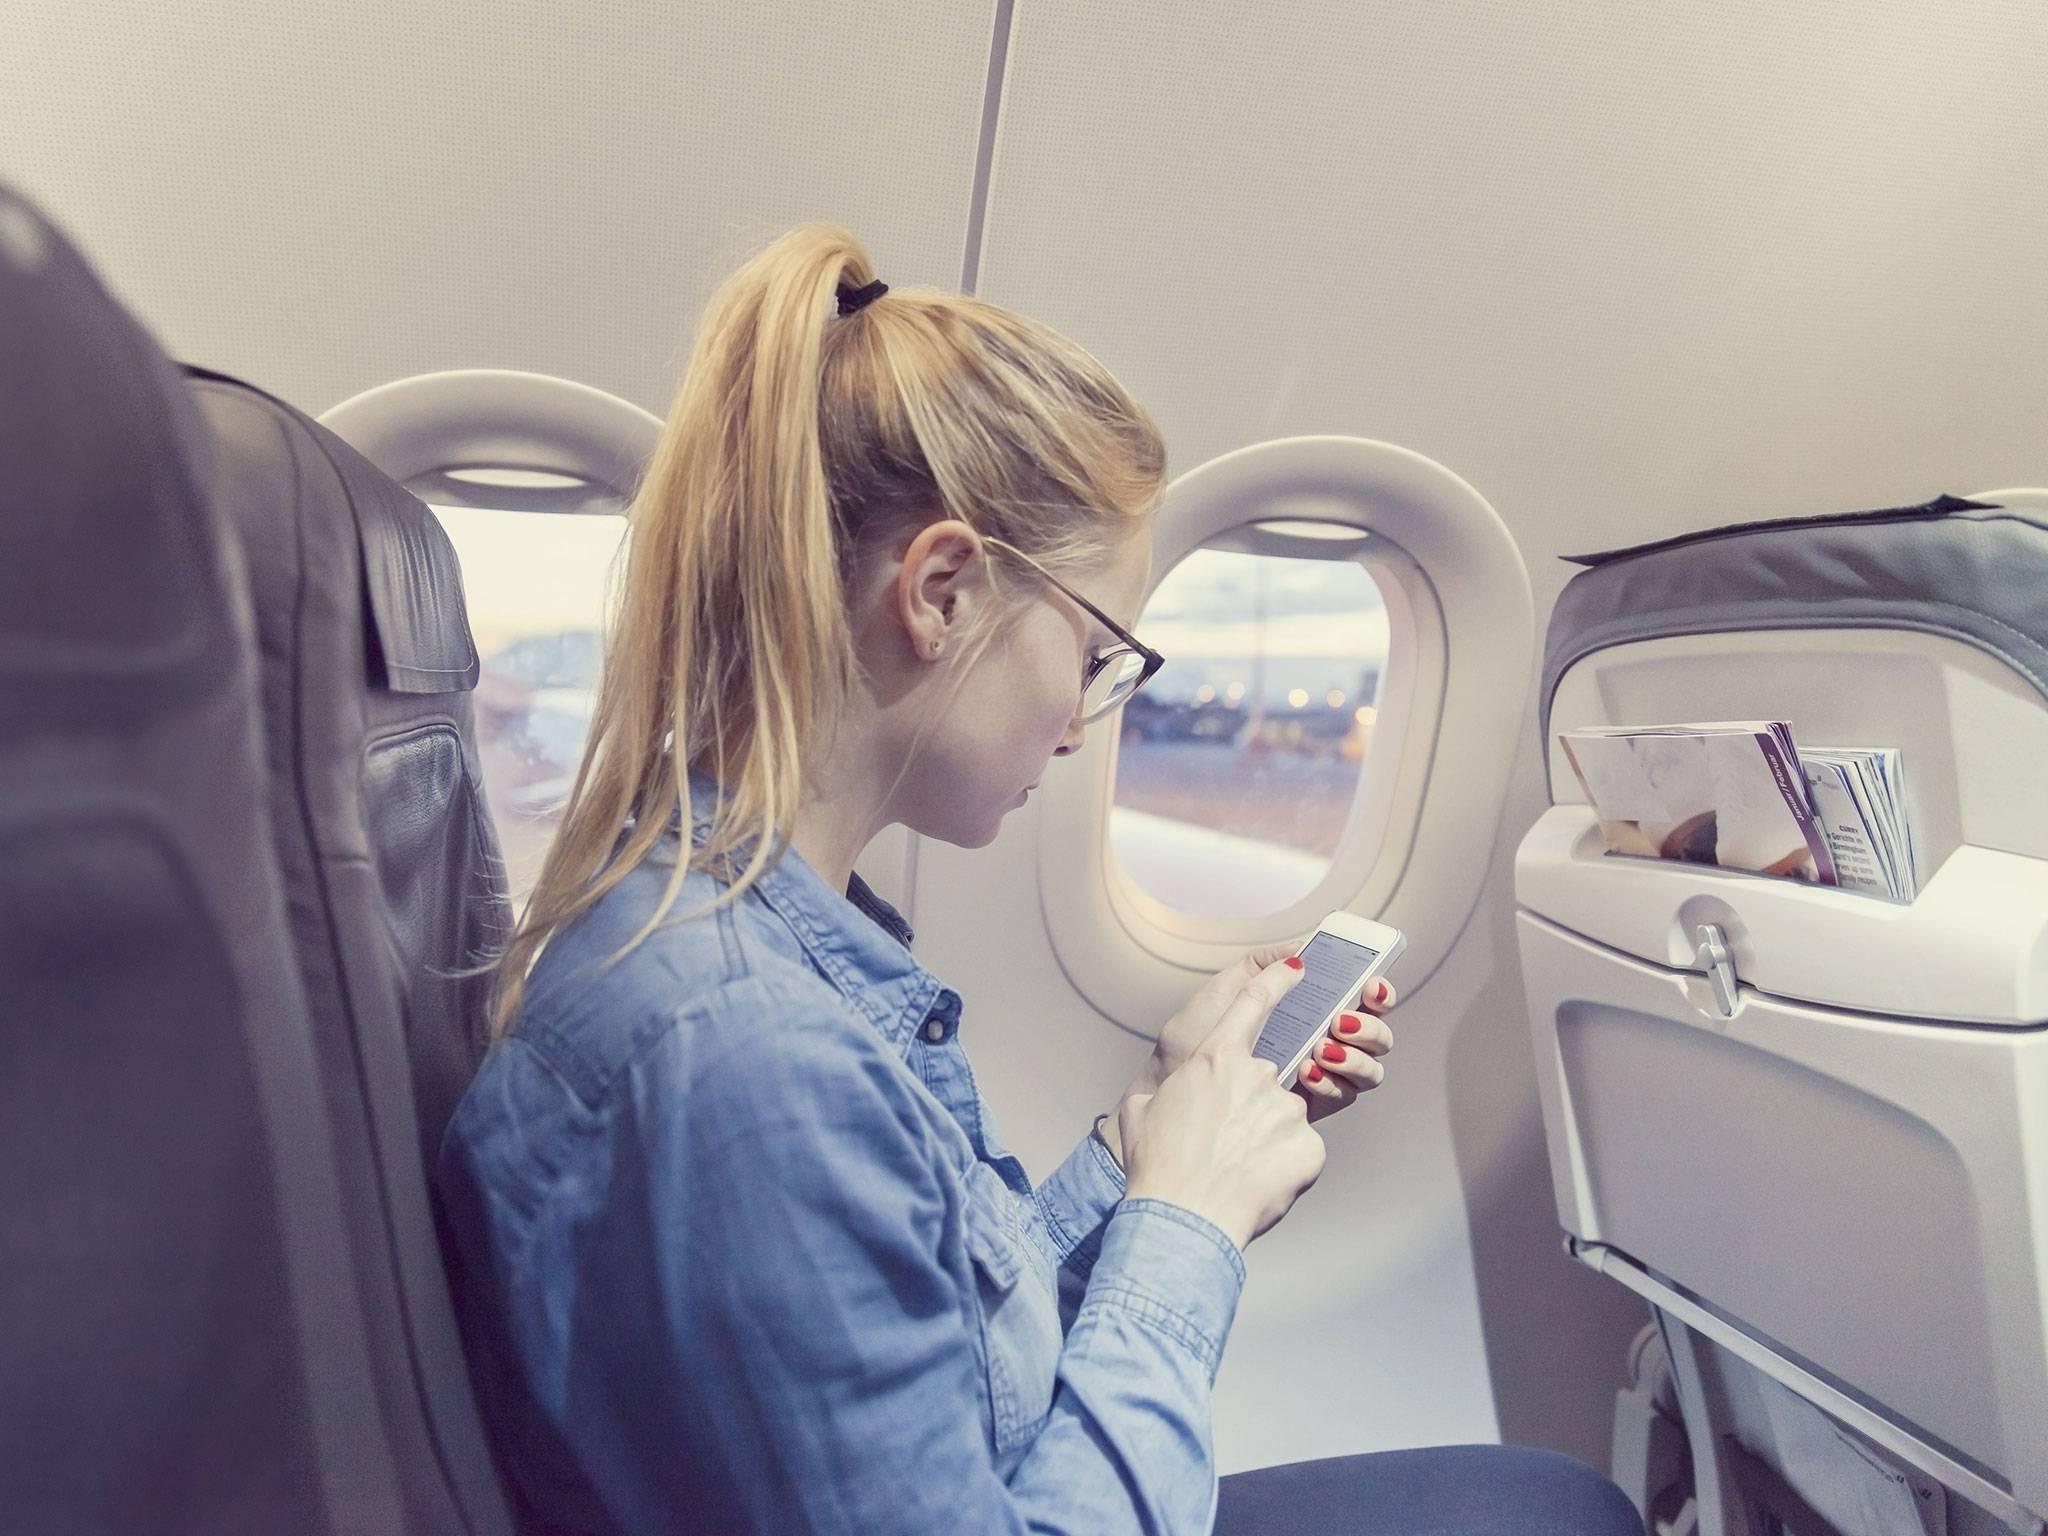 Можно ли пользоваться и заряжать телефон в самолете